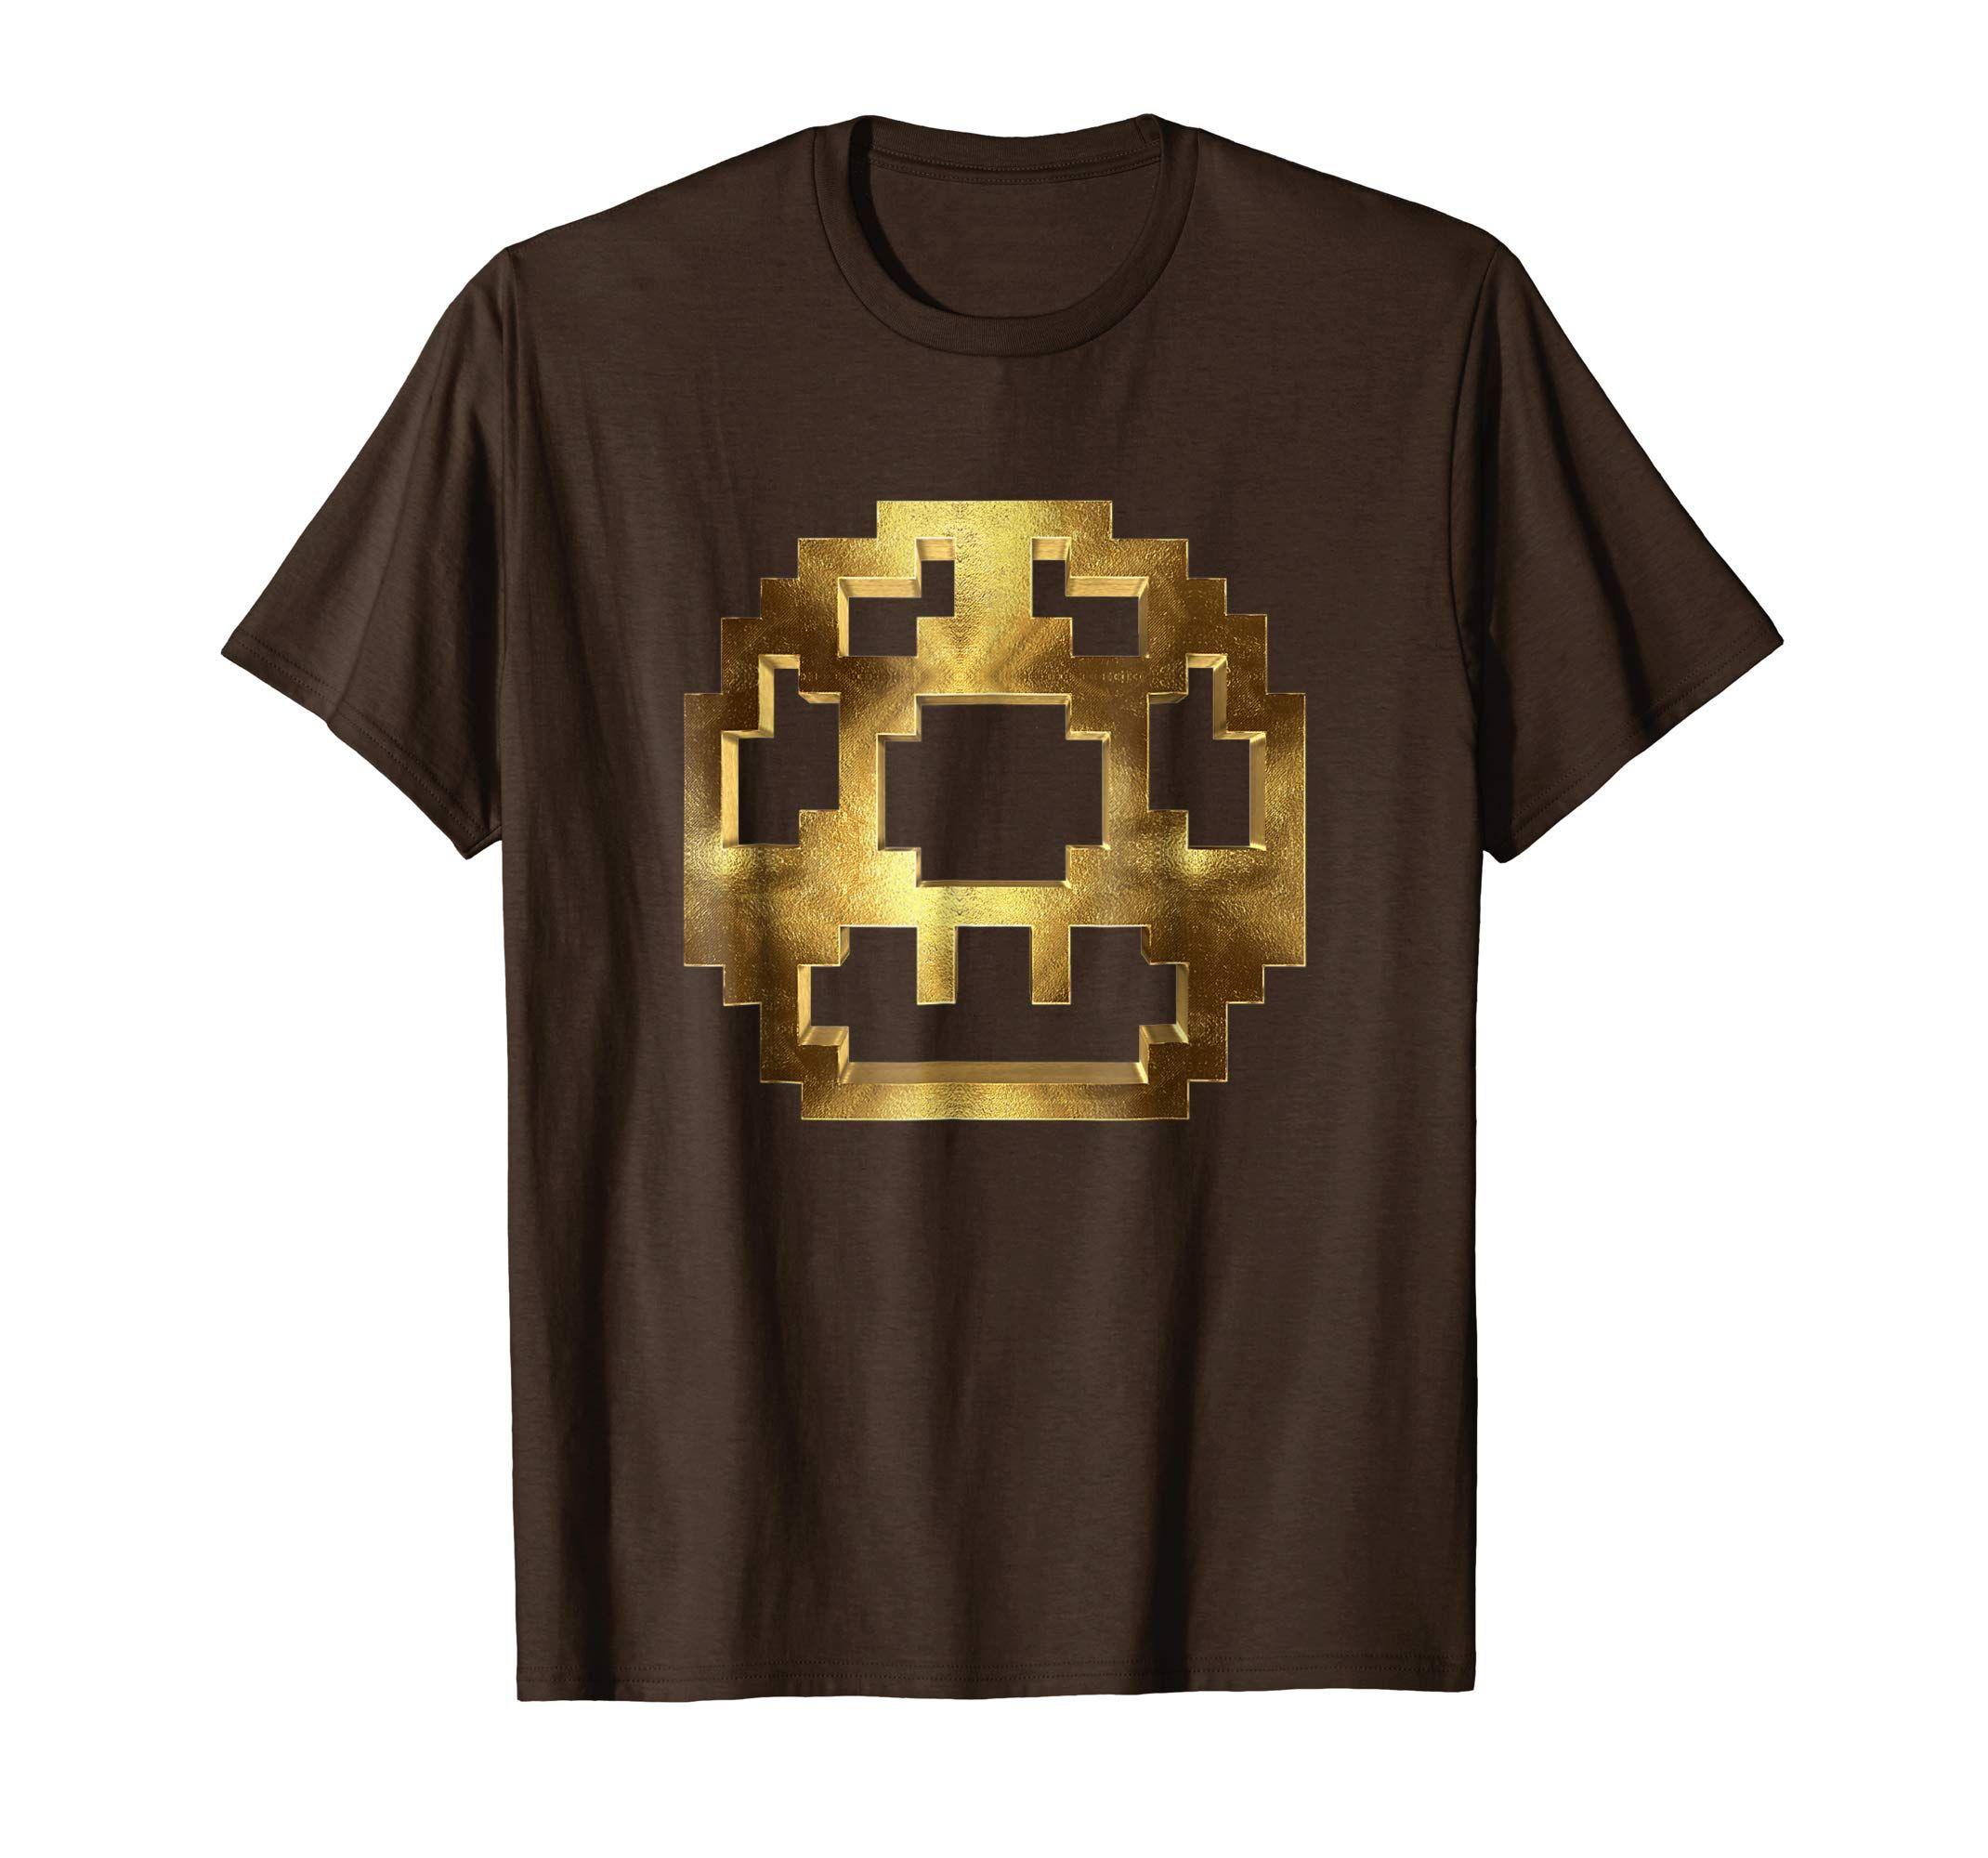 Brown Golden Mushroom Mens T Shirt Clothing Gamer Gaming Mushroom